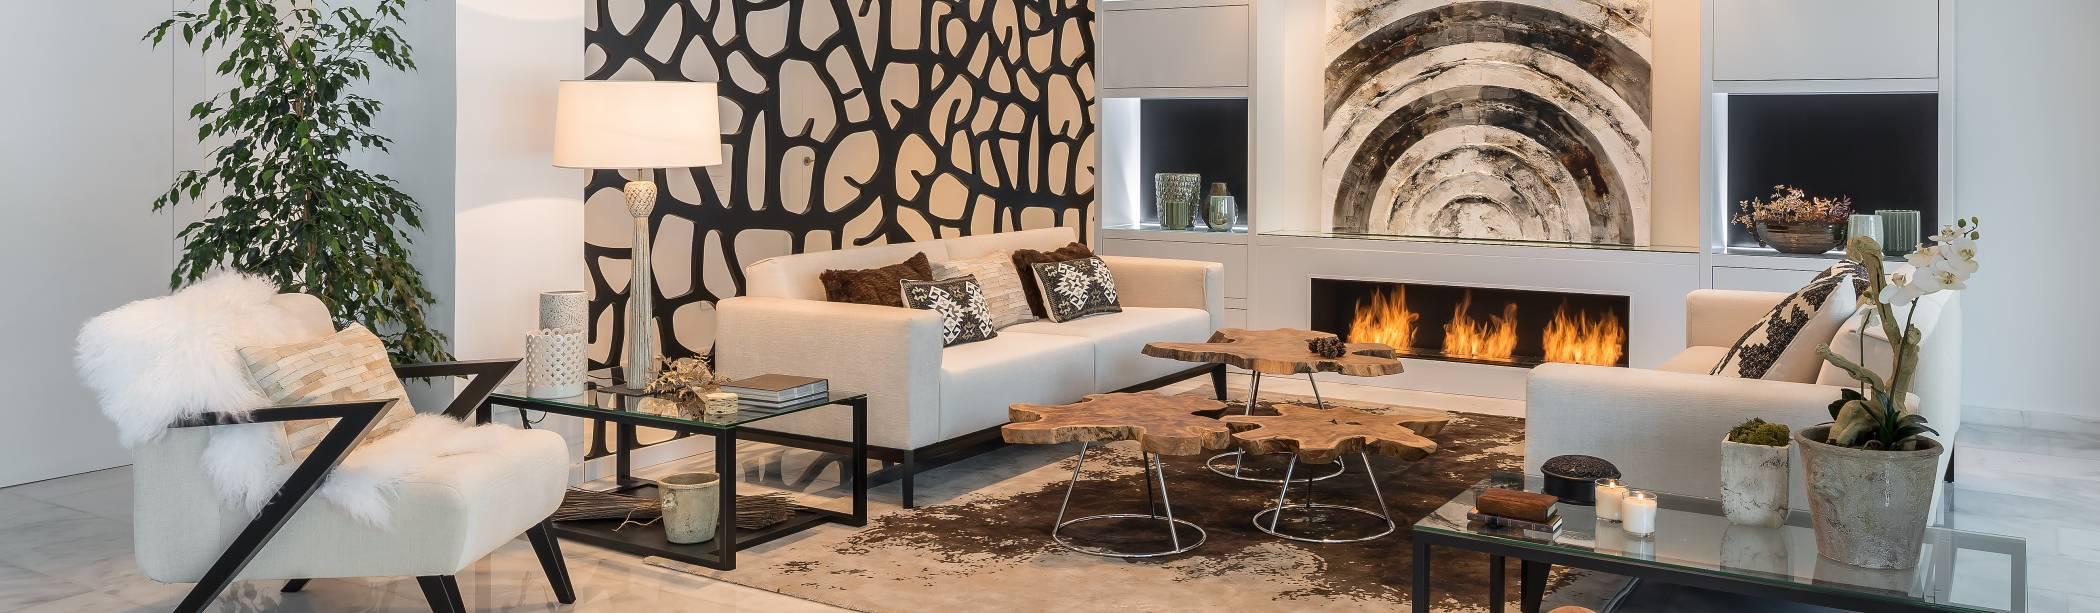 Renovar un apartamento por laura yerpes estudio de for Estudio de interiorismo